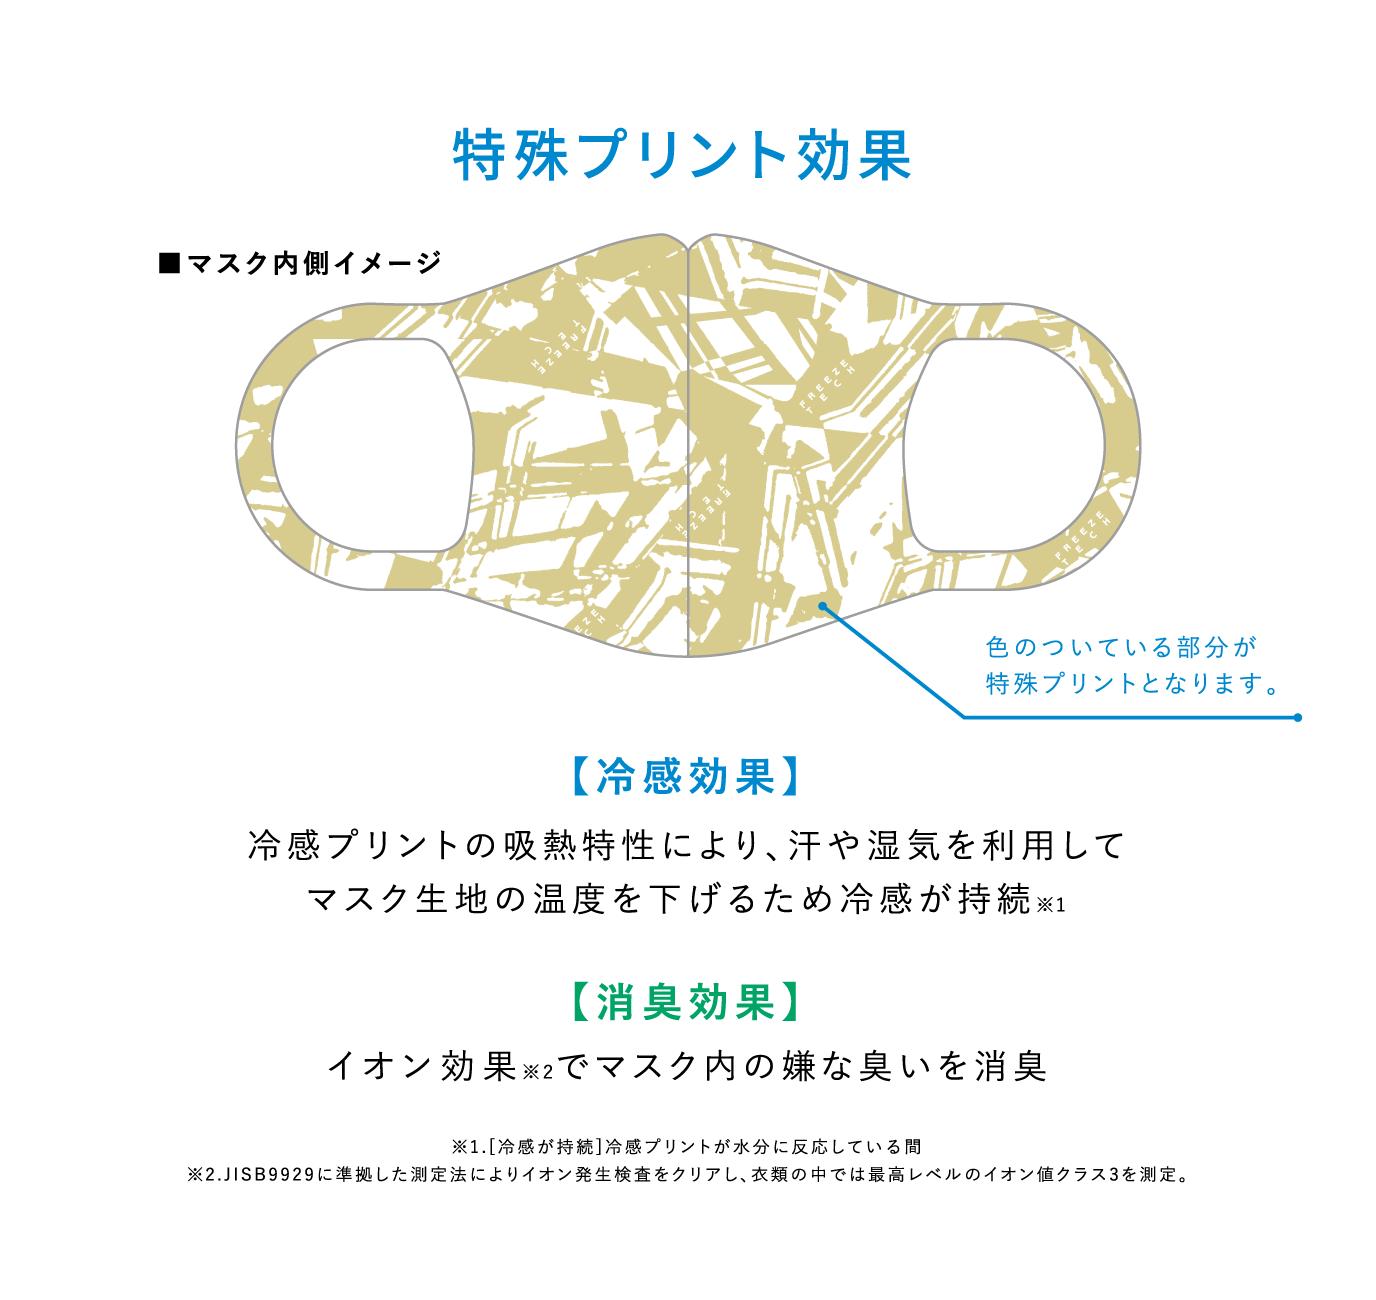 特殊プリント効果 マスク内側イメージ 色のついている部分が特殊プリントになります。 「冷感効果」 冷感プリントの吸熱特性により、汗や湿気を利用してマスク生地の温度を下げるため冷感が持続※1 「消臭効果」イオン効果※2でマスク内の嫌な臭いを消臭 ※1.[冷感が持続]冷感プリントが水分に反応している間 ※2.JISB9929に準拠した測定法によりイオン発生検査をクリアし、衣類の中では最高レベルのイオン値クラス3を測定。